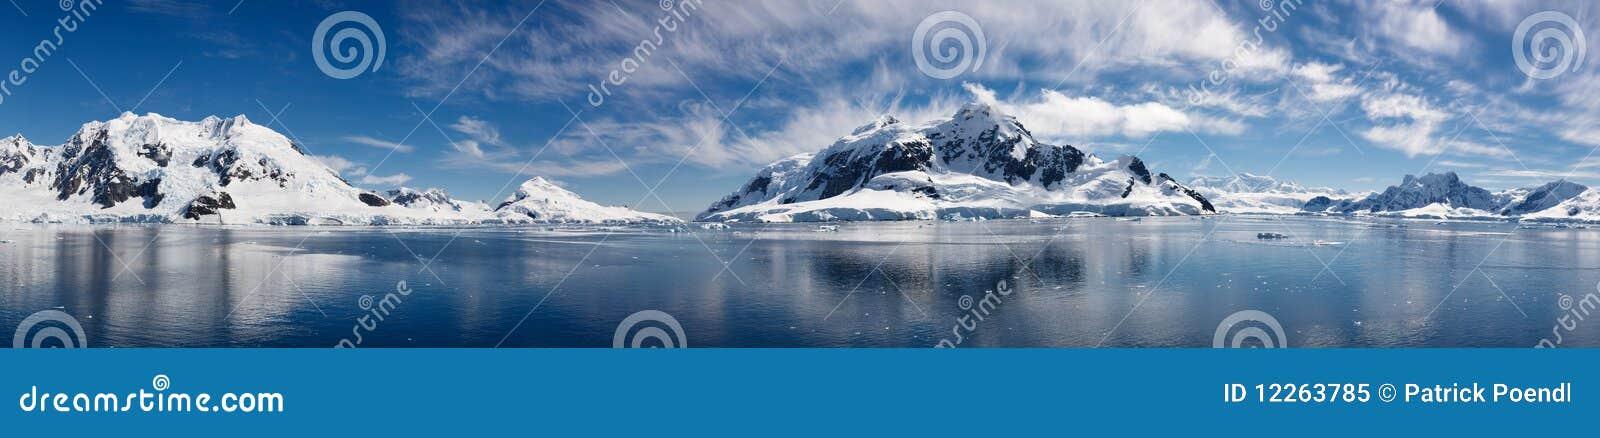 Antarctica podpalana lodowata majestatyczna raju kraina cudów